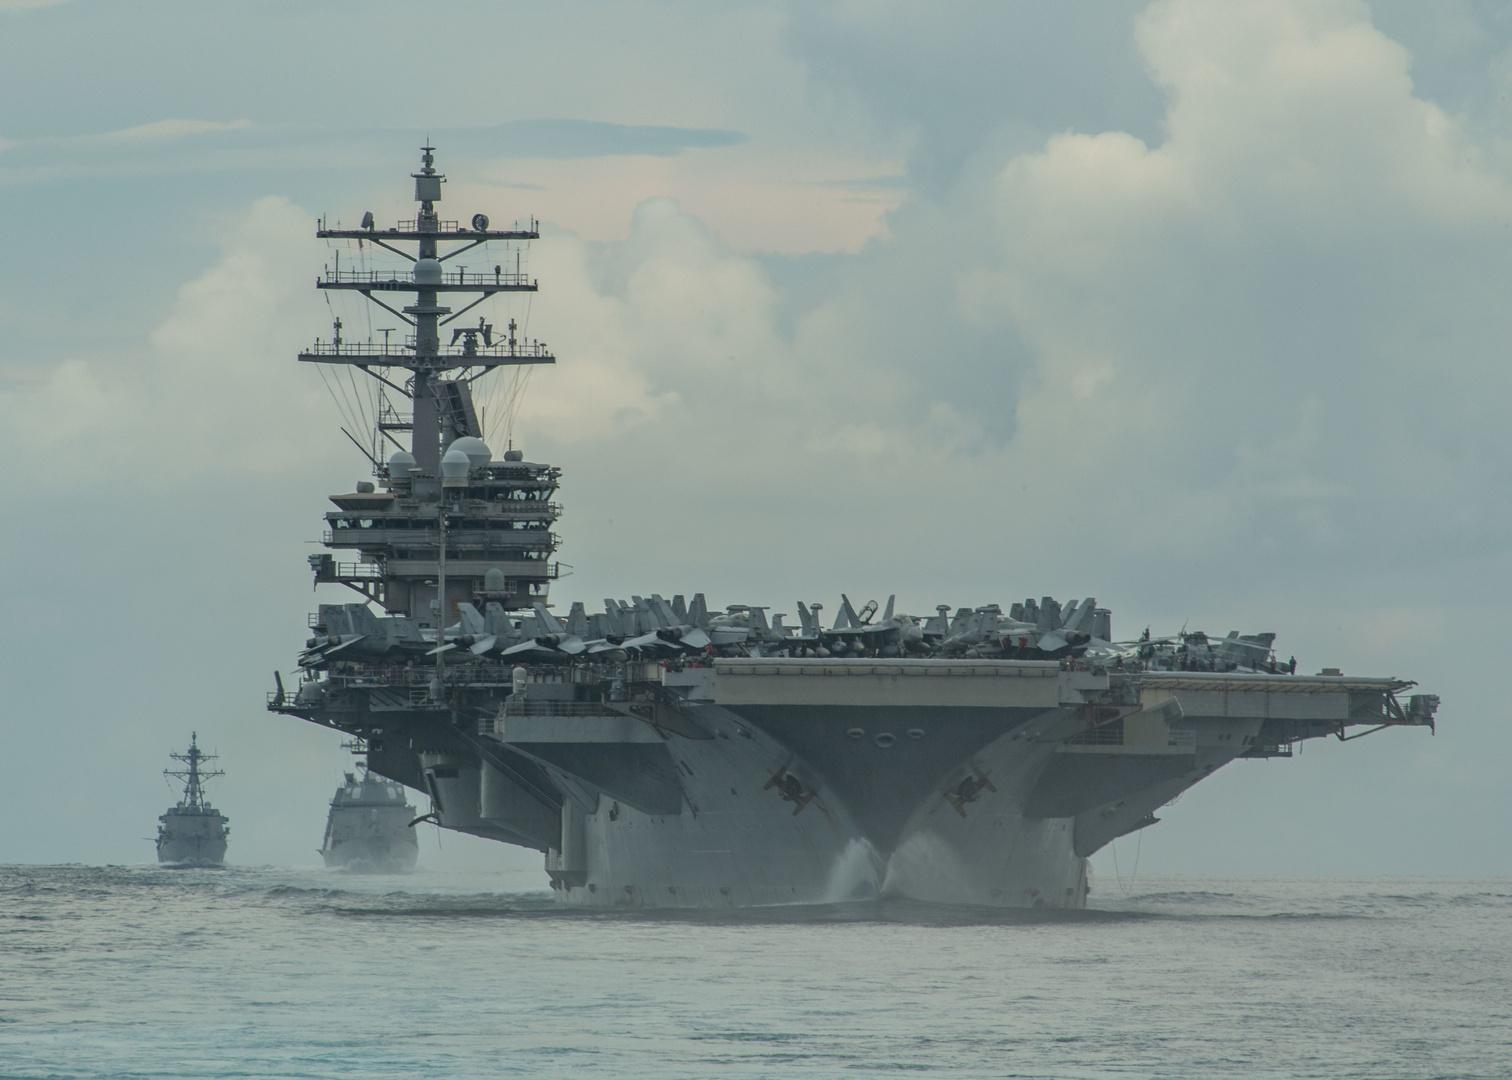 البحرية الأمريكية ترسل مدمرة صاروخية موجهة عبر مضيق تايوان